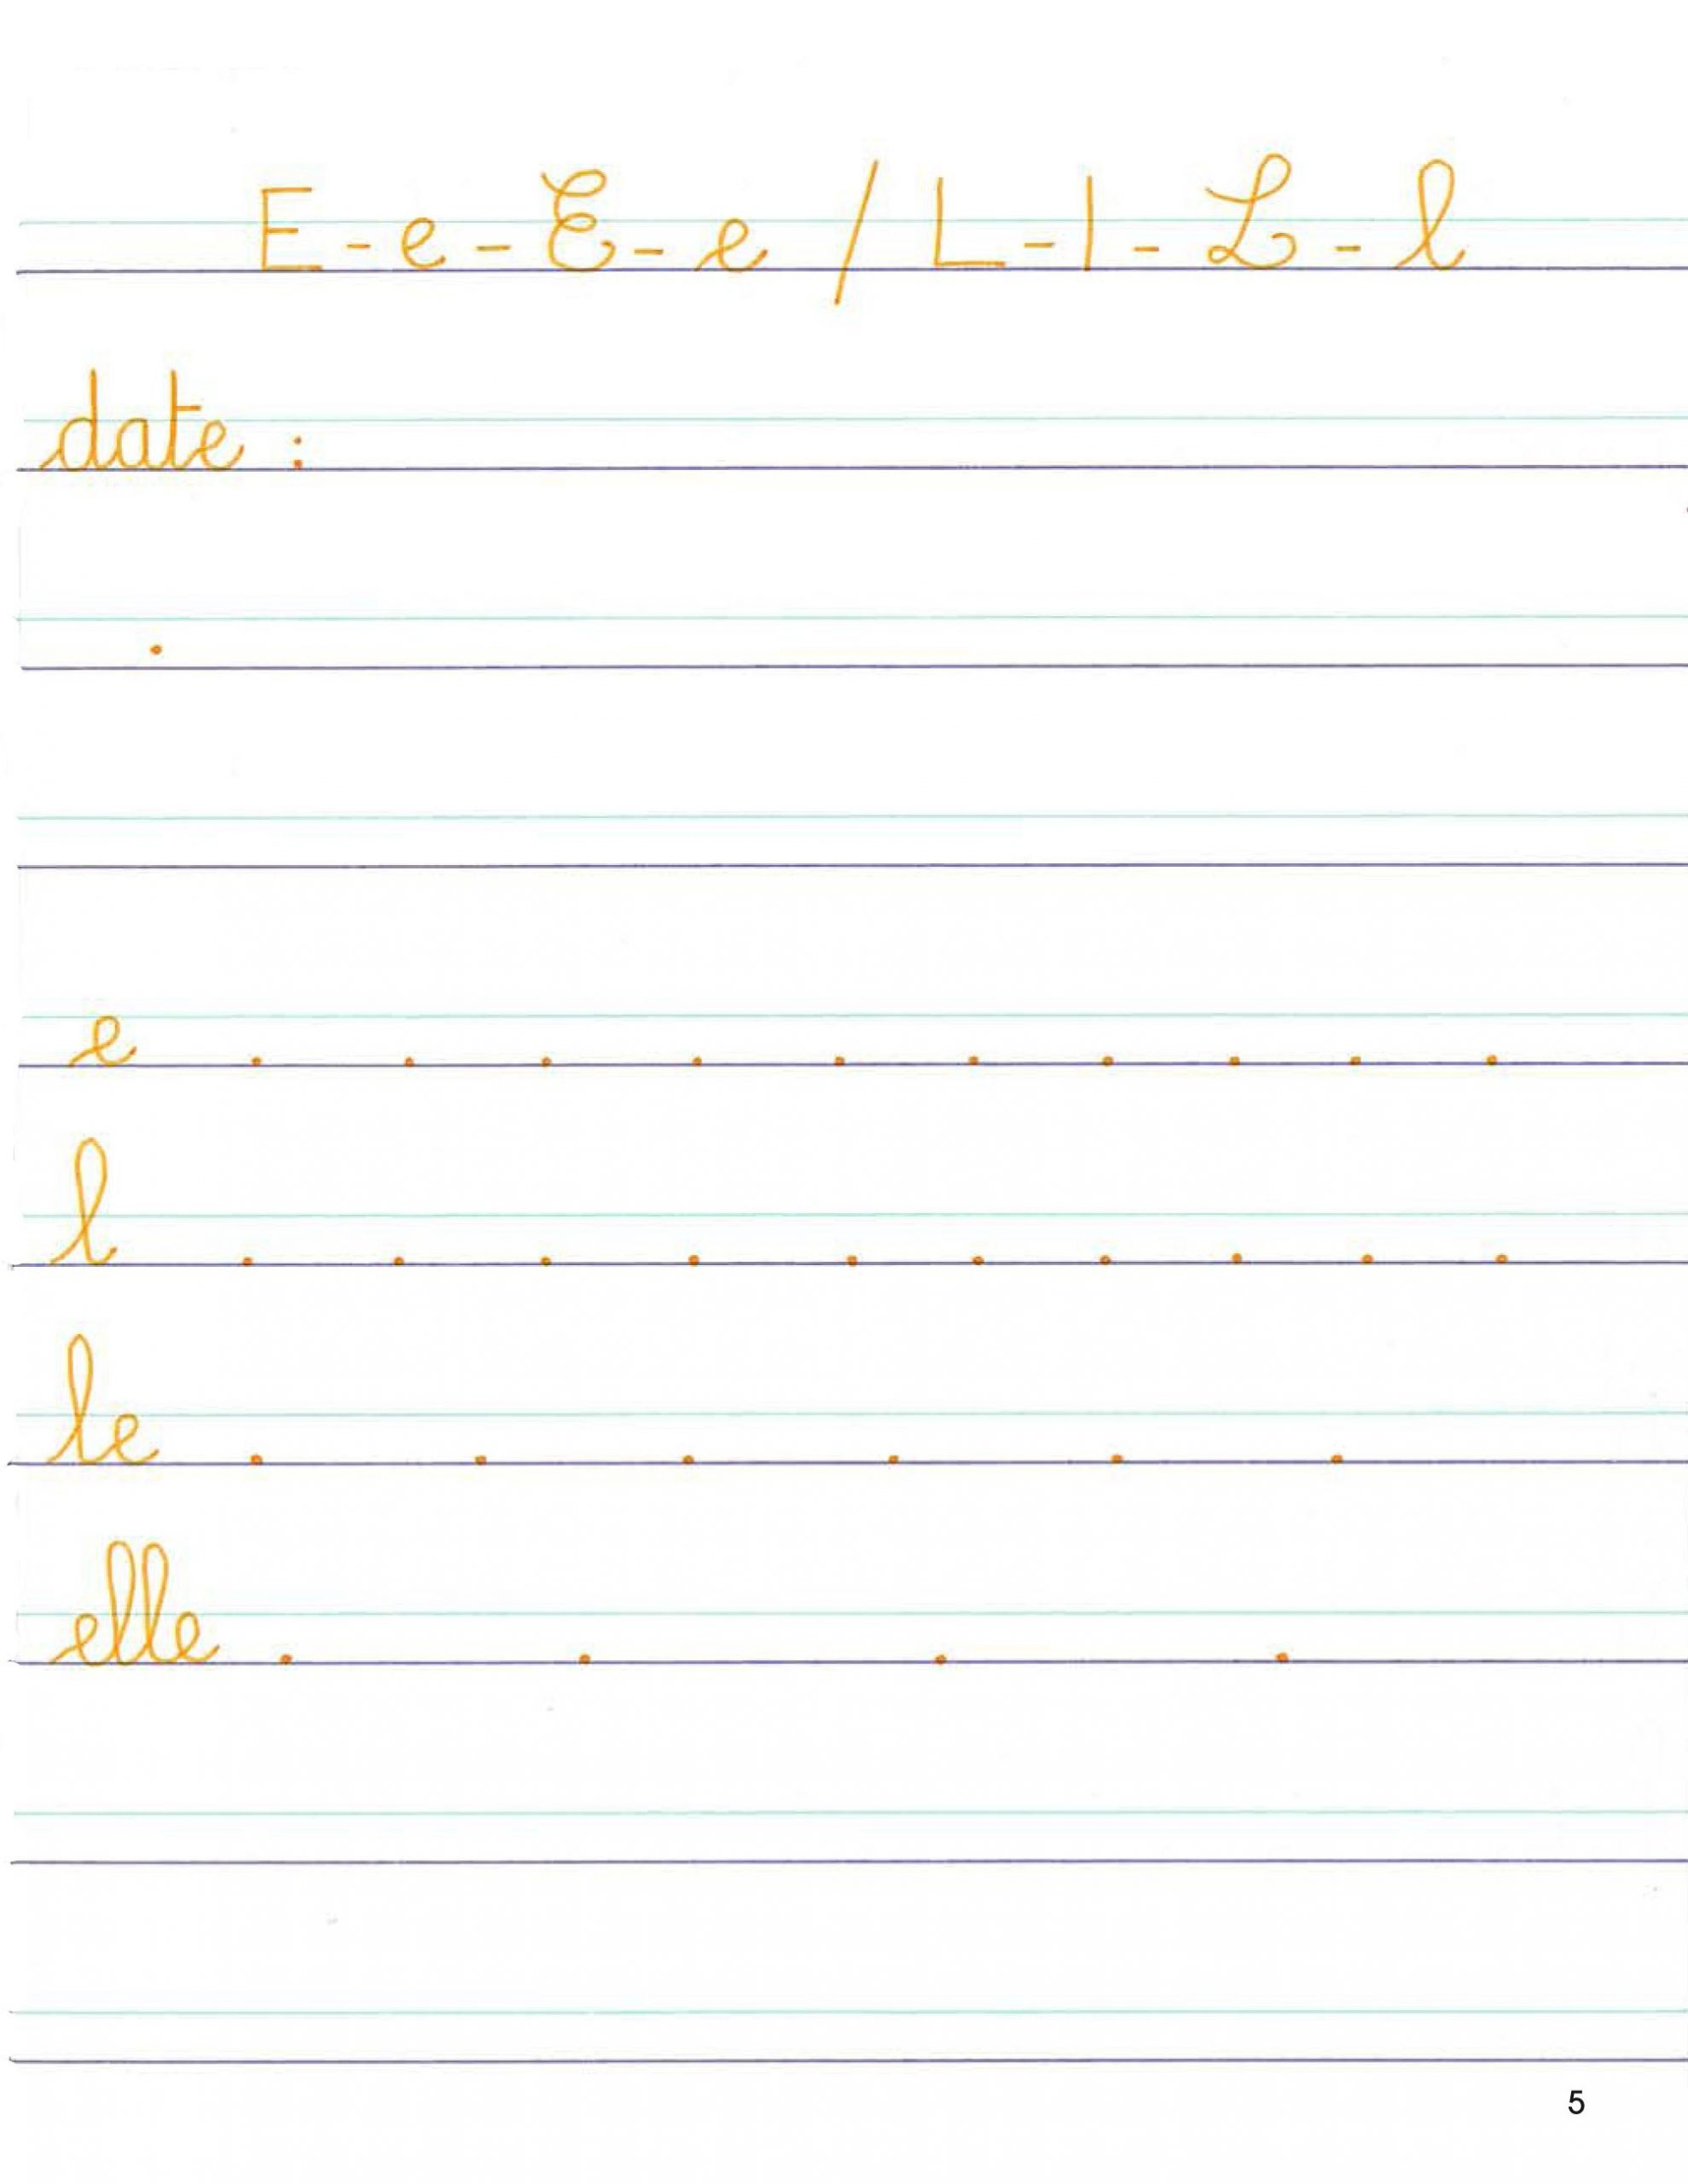 Mon Cahier D'écriture Grande Section De Maternelle - Scop encequiconcerne Exercice Grande Section Maternelle Gratuit En Ligne